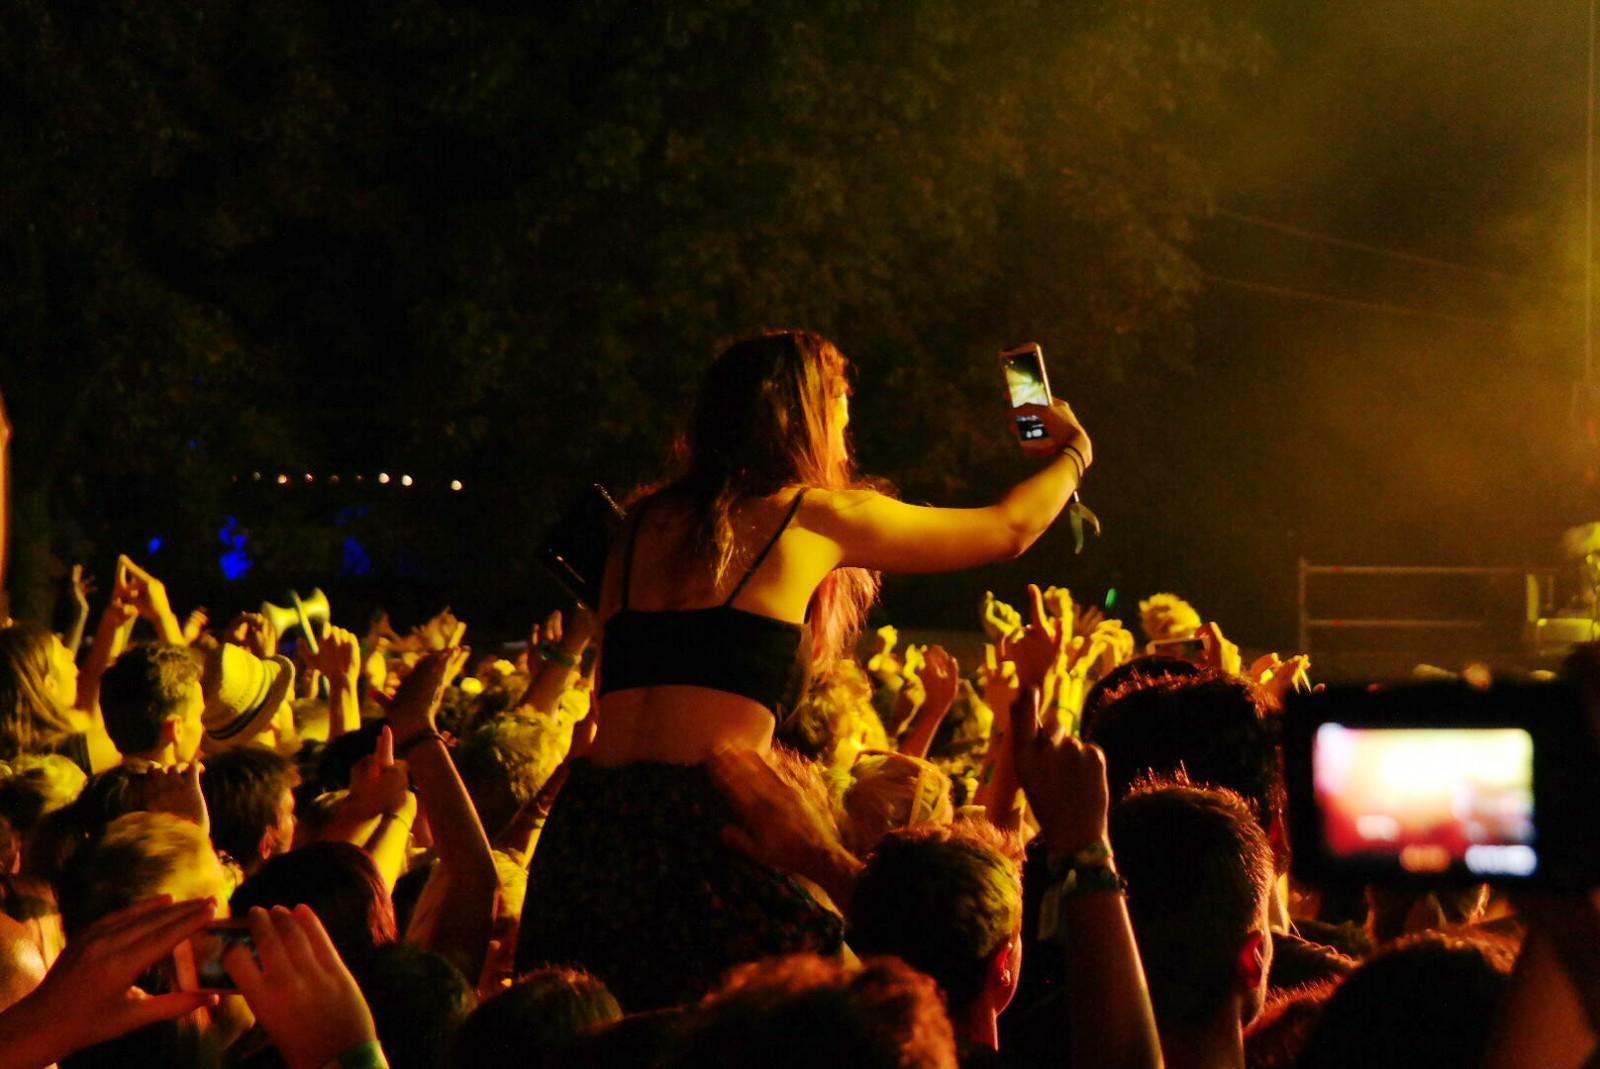 Selfie-dans-la-foule-à-Rock-en-Seine-2105-festival-concert-musique-groupe-Alt-J-photo-by-united-states-of-paris-blog